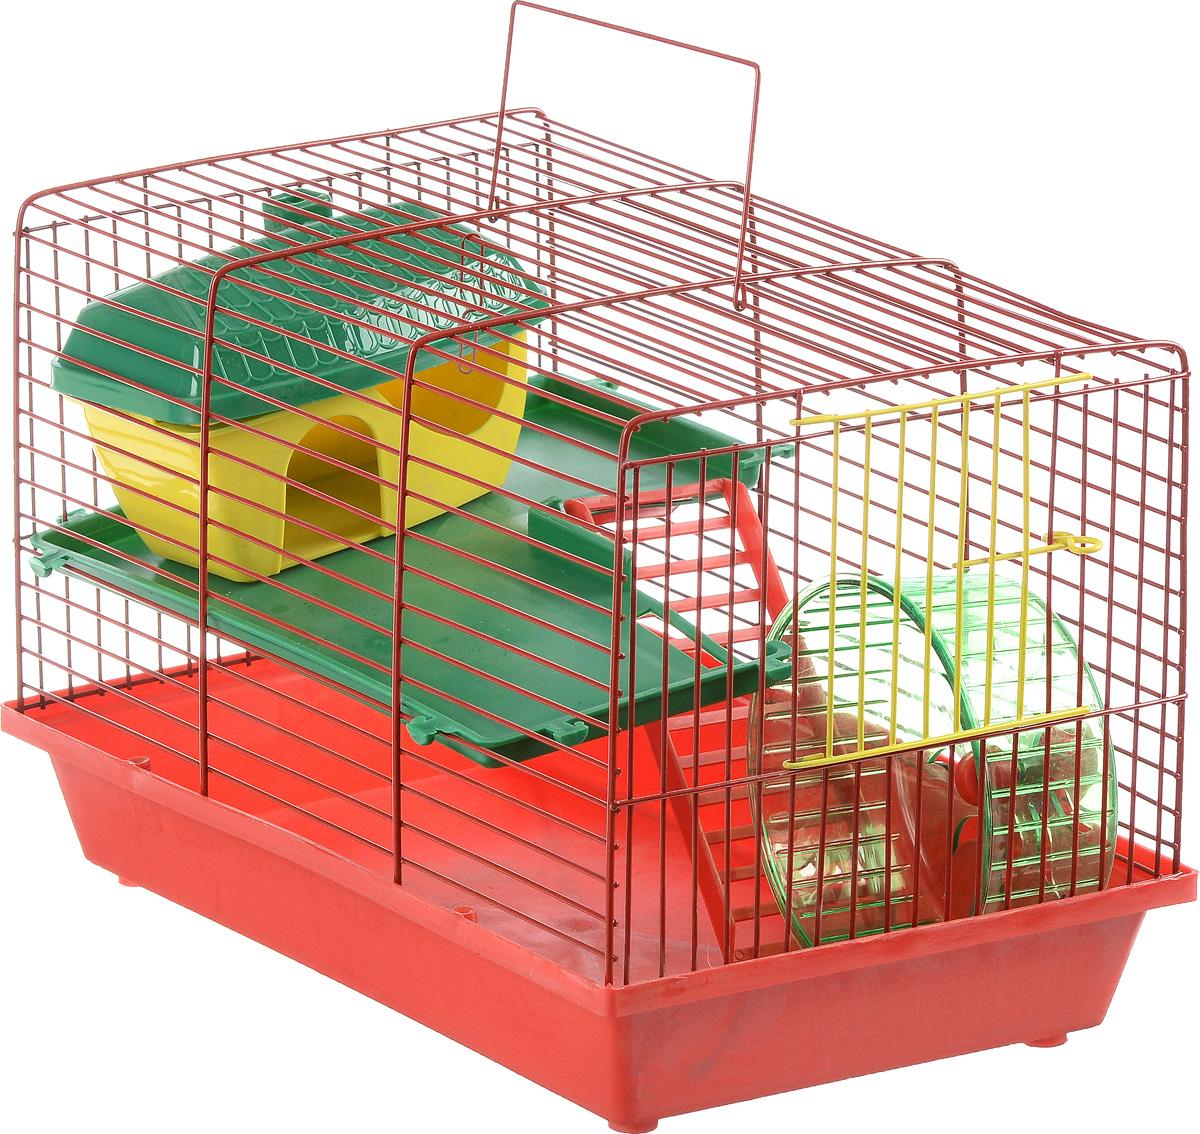 Клетка для грызунов ЗооМарк, 2-этажная, цвет: красный поддон, красная решетка, зеленый этаж, 36 х 23 х 24 см125_красный, зеленыйКлетка ЗооМарк, выполненная из полипропилена и металла, подходит для мелких грызунов. Изделие двухэтажное, оборудовано колесом для подвижных игр и пластиковым домиком. Клетка имеет яркий поддон, удобна в использовании и легко чистится. Сверху имеется ручка для переноски, а сбоку удобная дверца. Такая клетка станет уединенным личным пространством и уютным домиком для маленького грызуна.